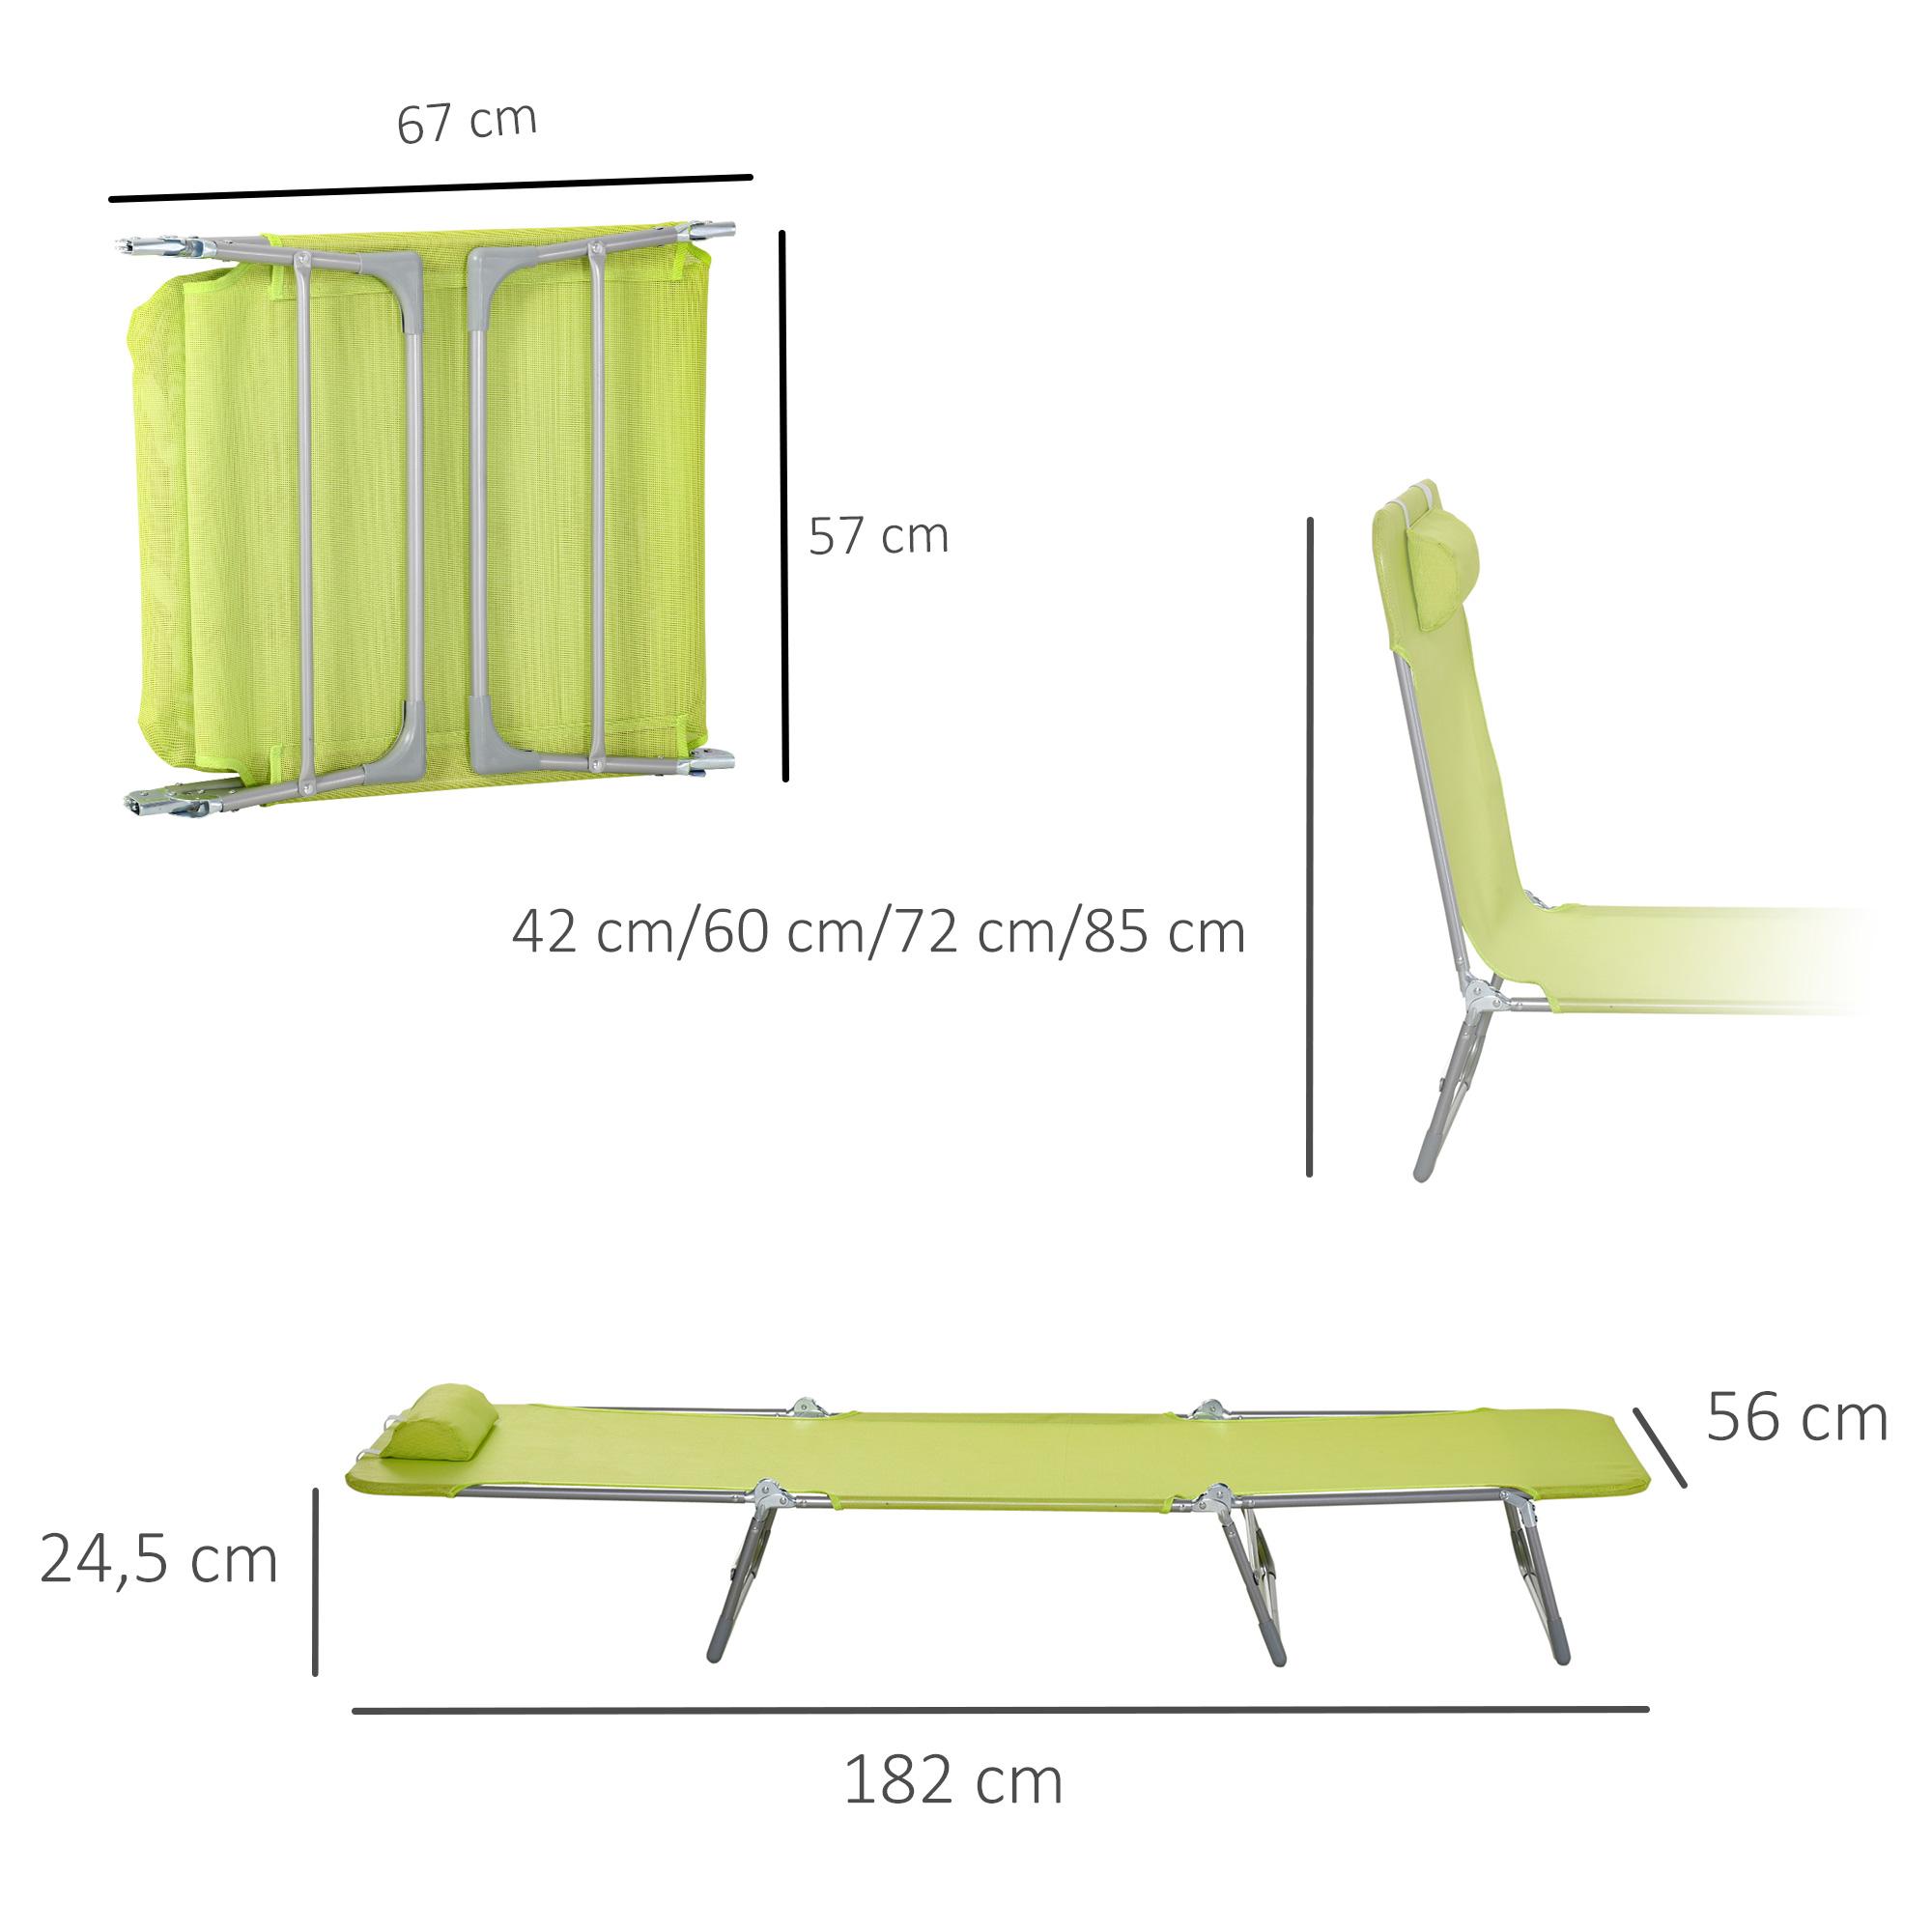 miniatura 34 - Tumbona Plegable y Reclinable con Reposacabezas y Respaldo Ajustable COLOR